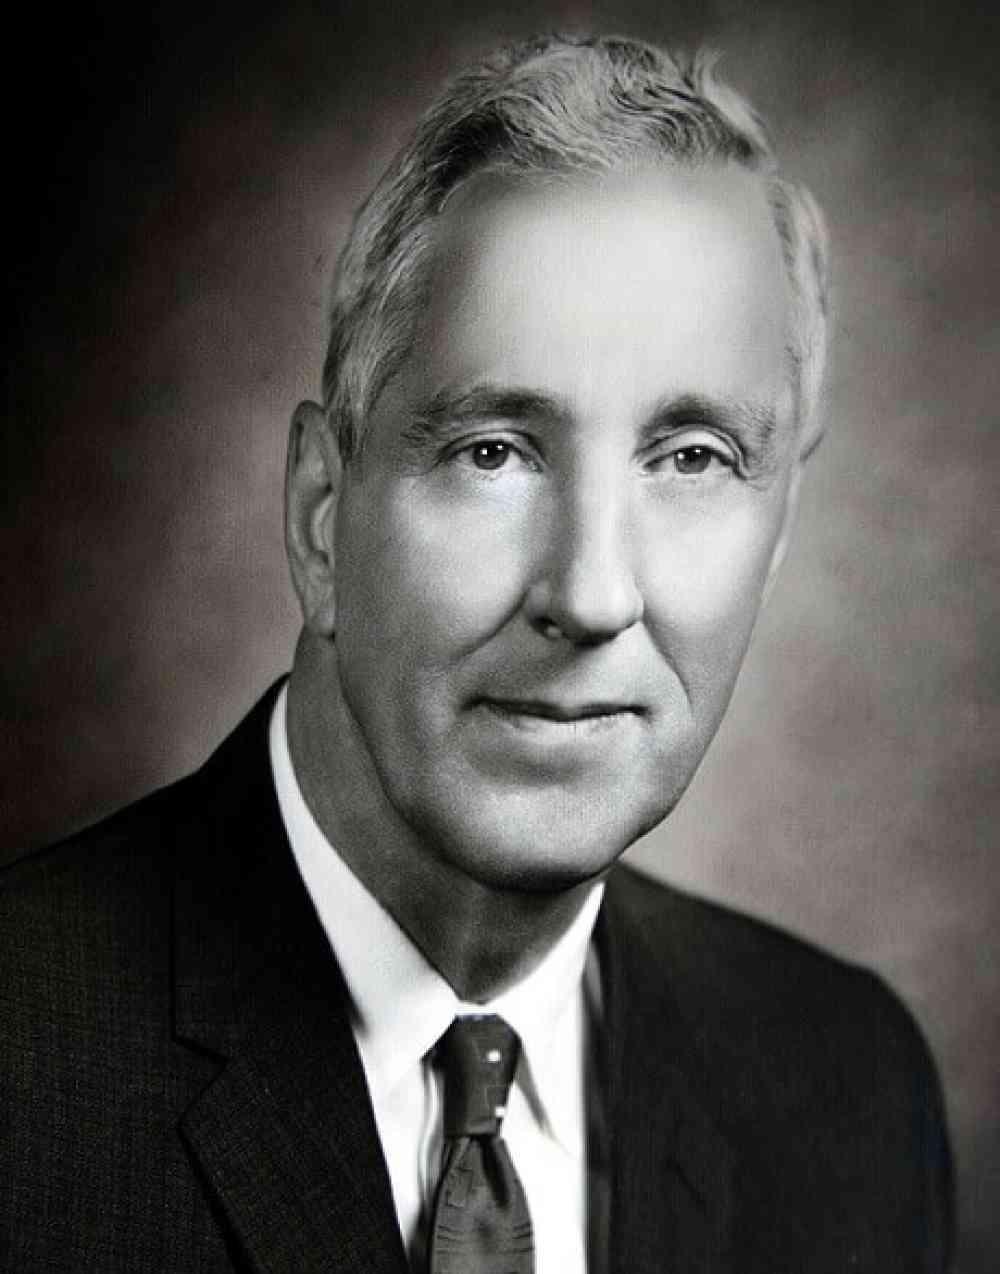 Craig McLanahan